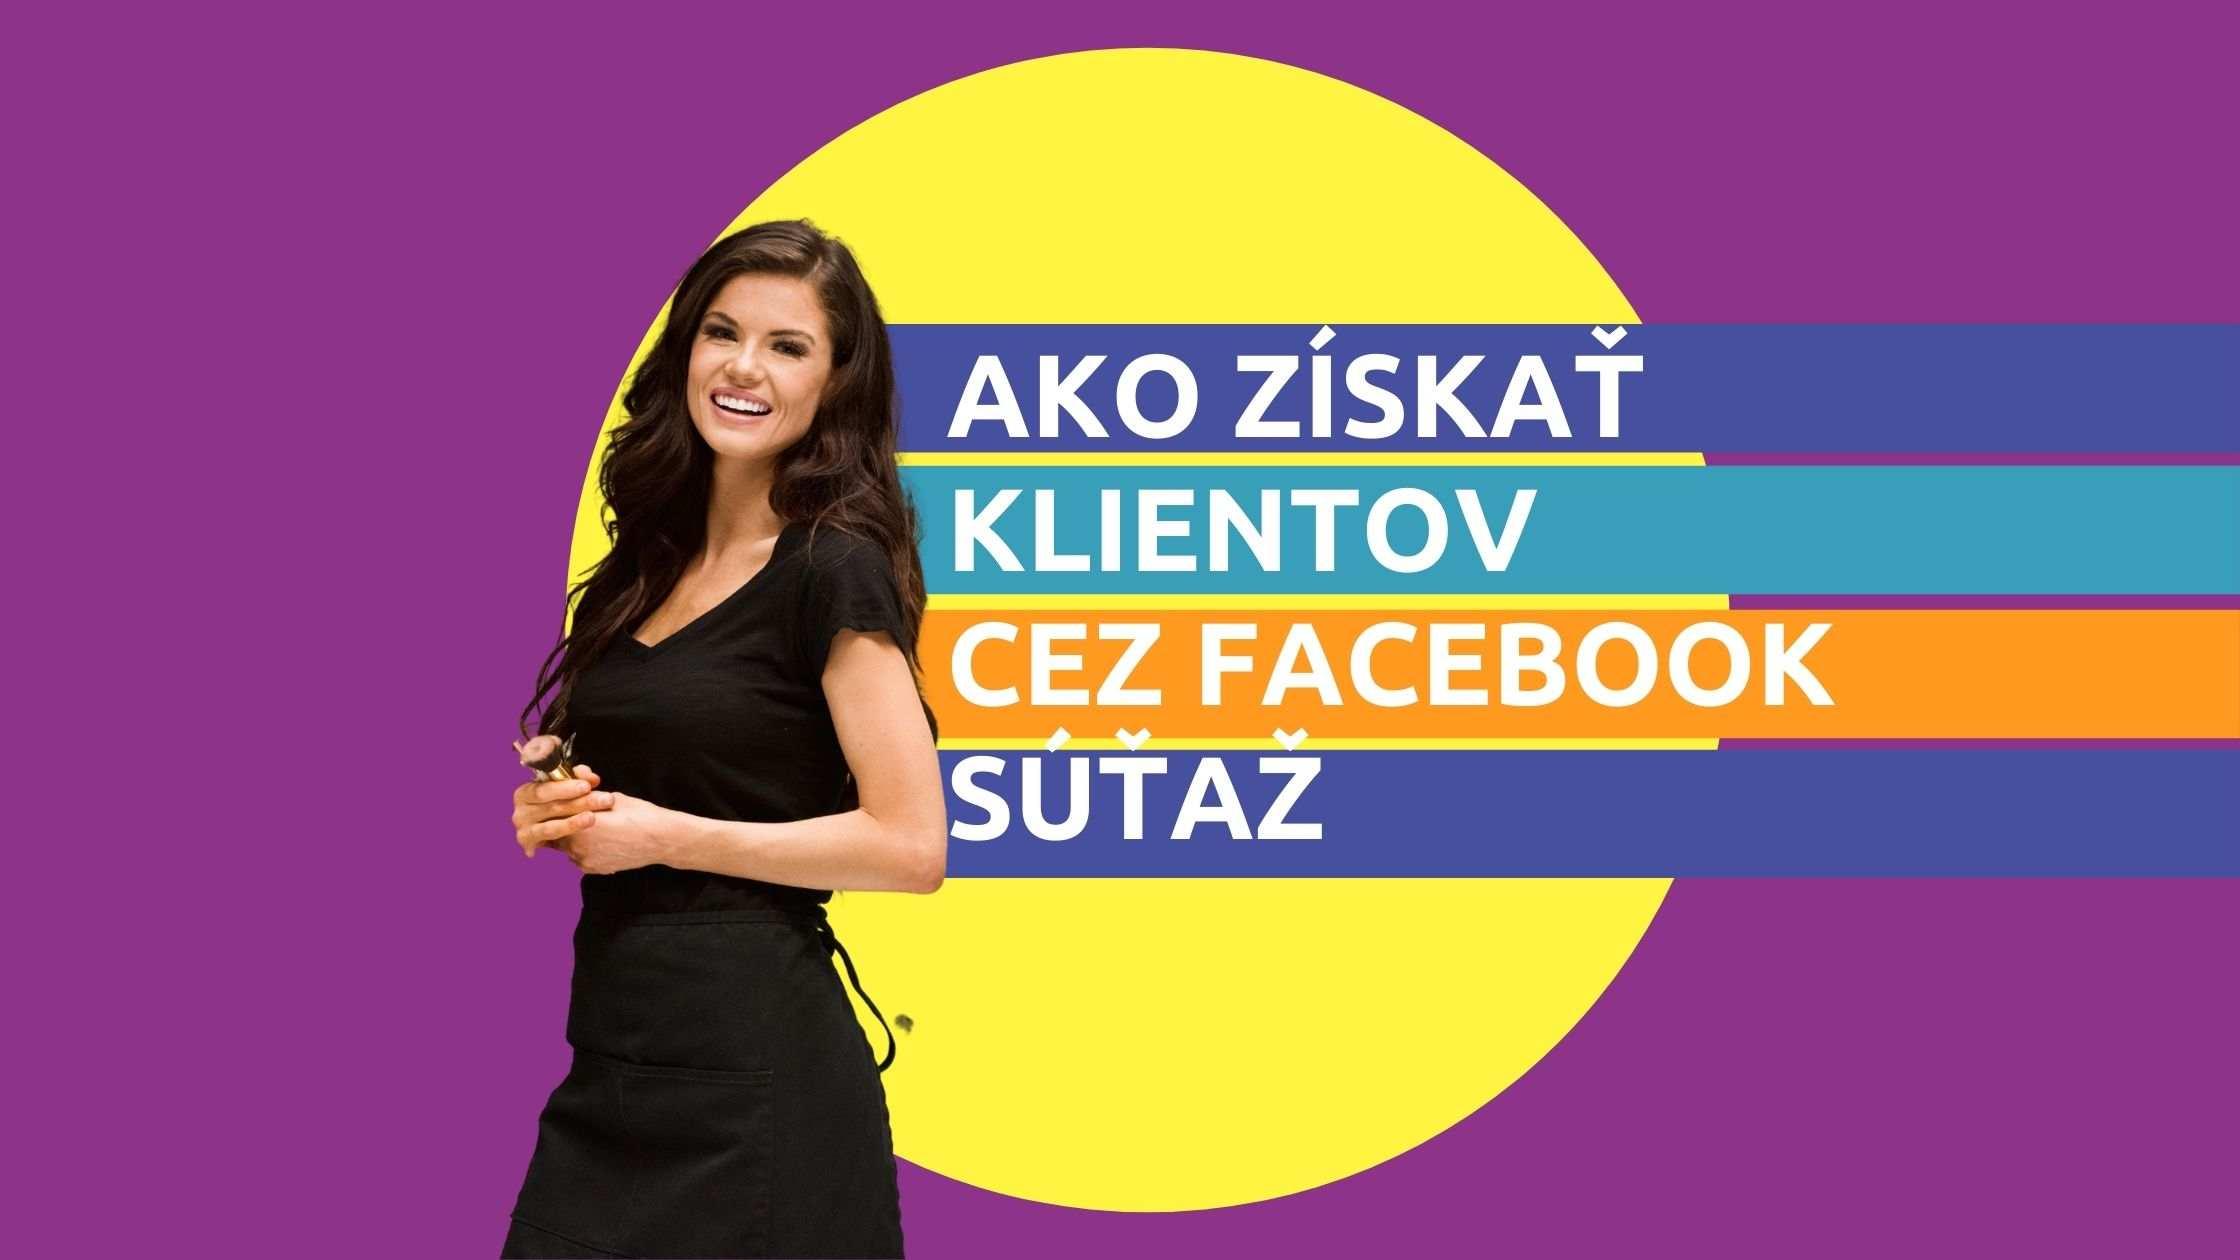 Článok na Marketing pre salóny - Ako získať nových klientov cez Facebook súťaž